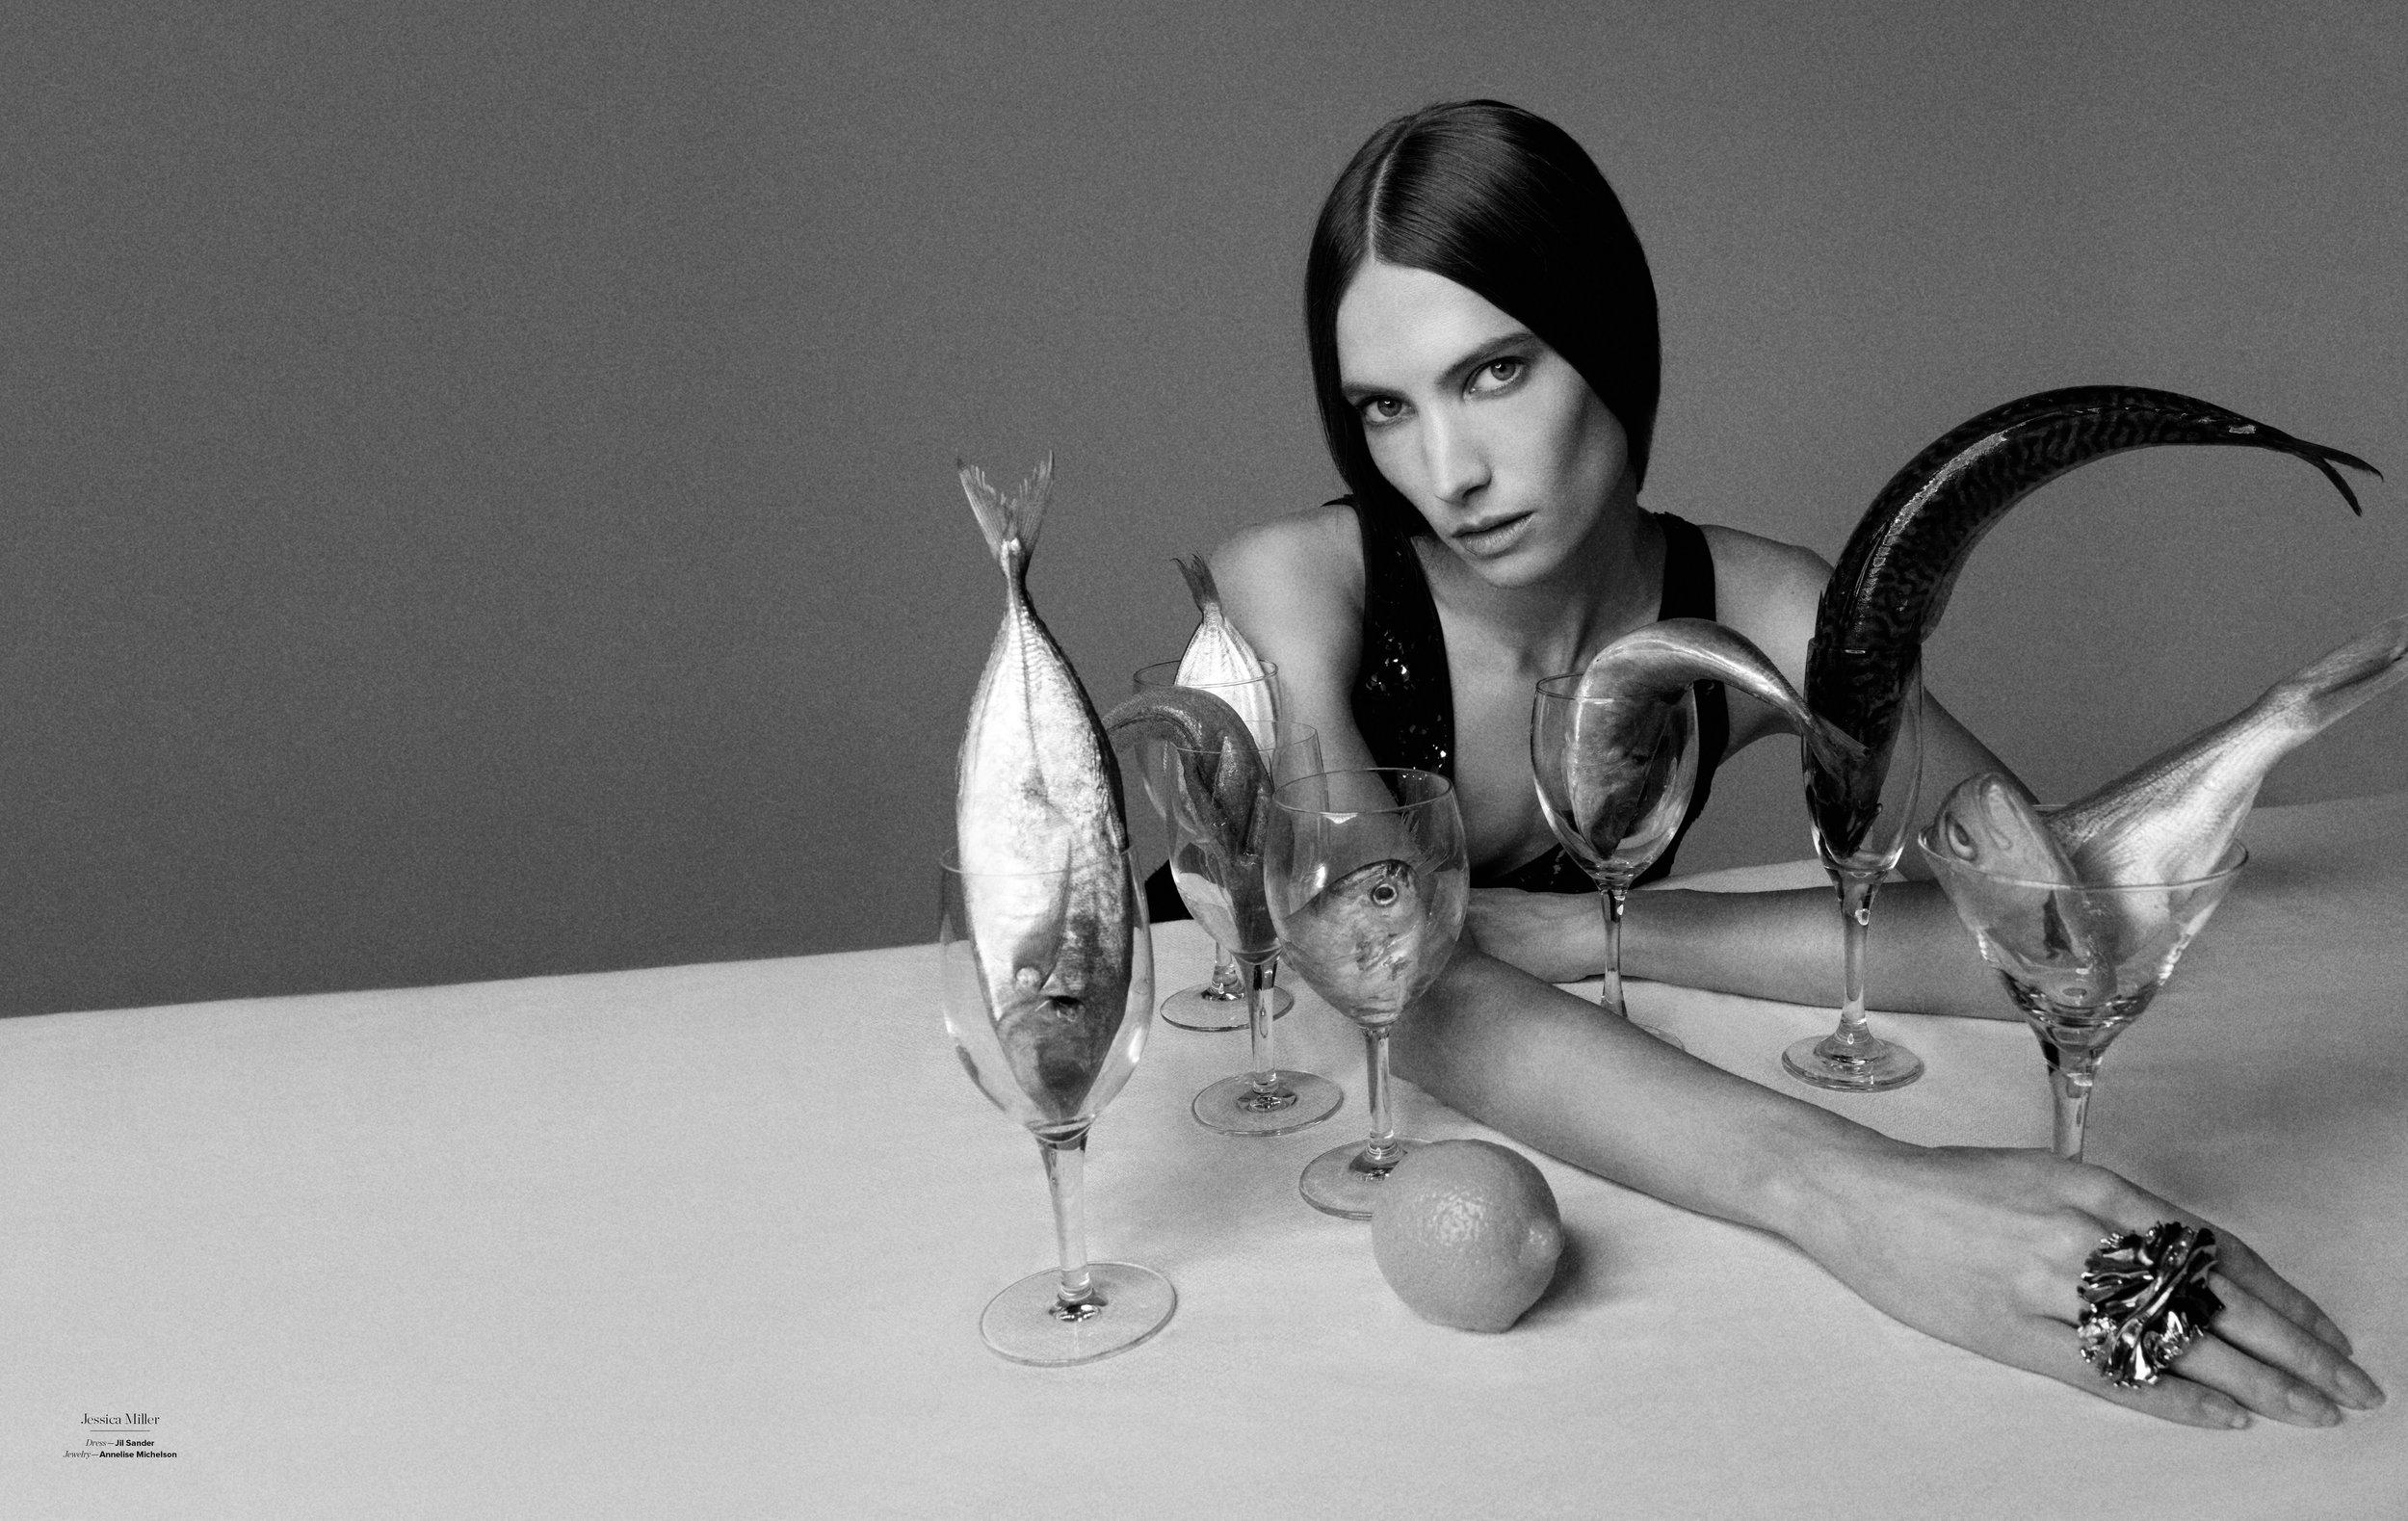 Jessica-Miller-2.jpg